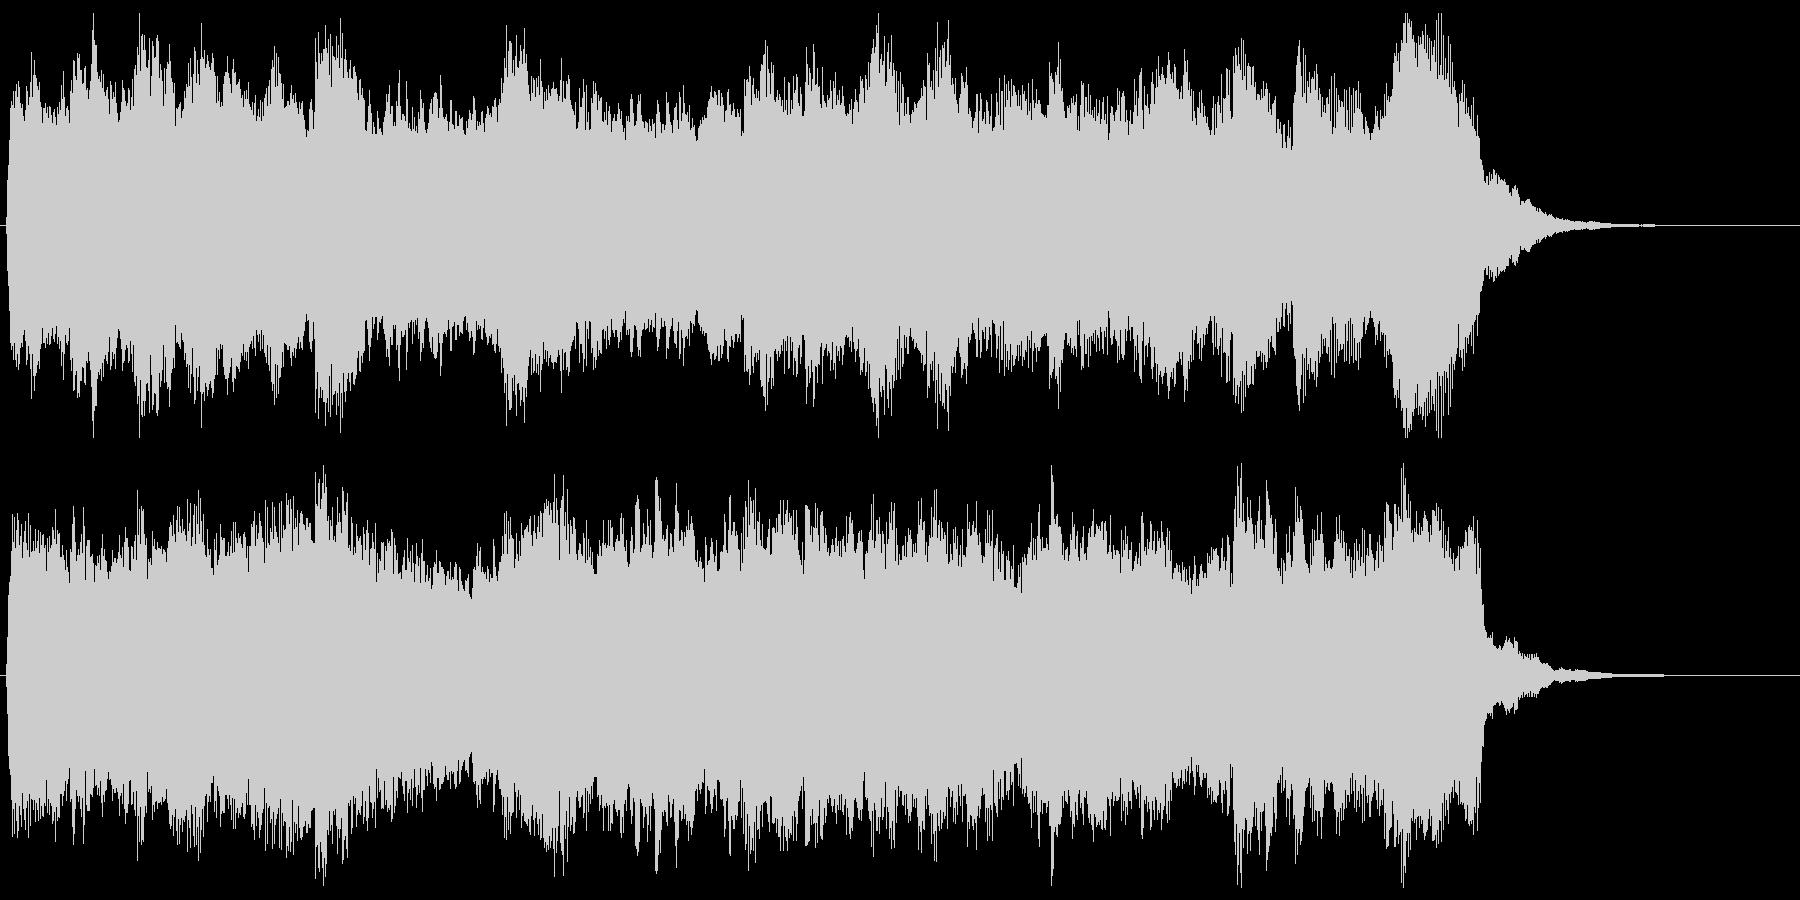 短調の旋律が美しいパイプオルガンの未再生の波形